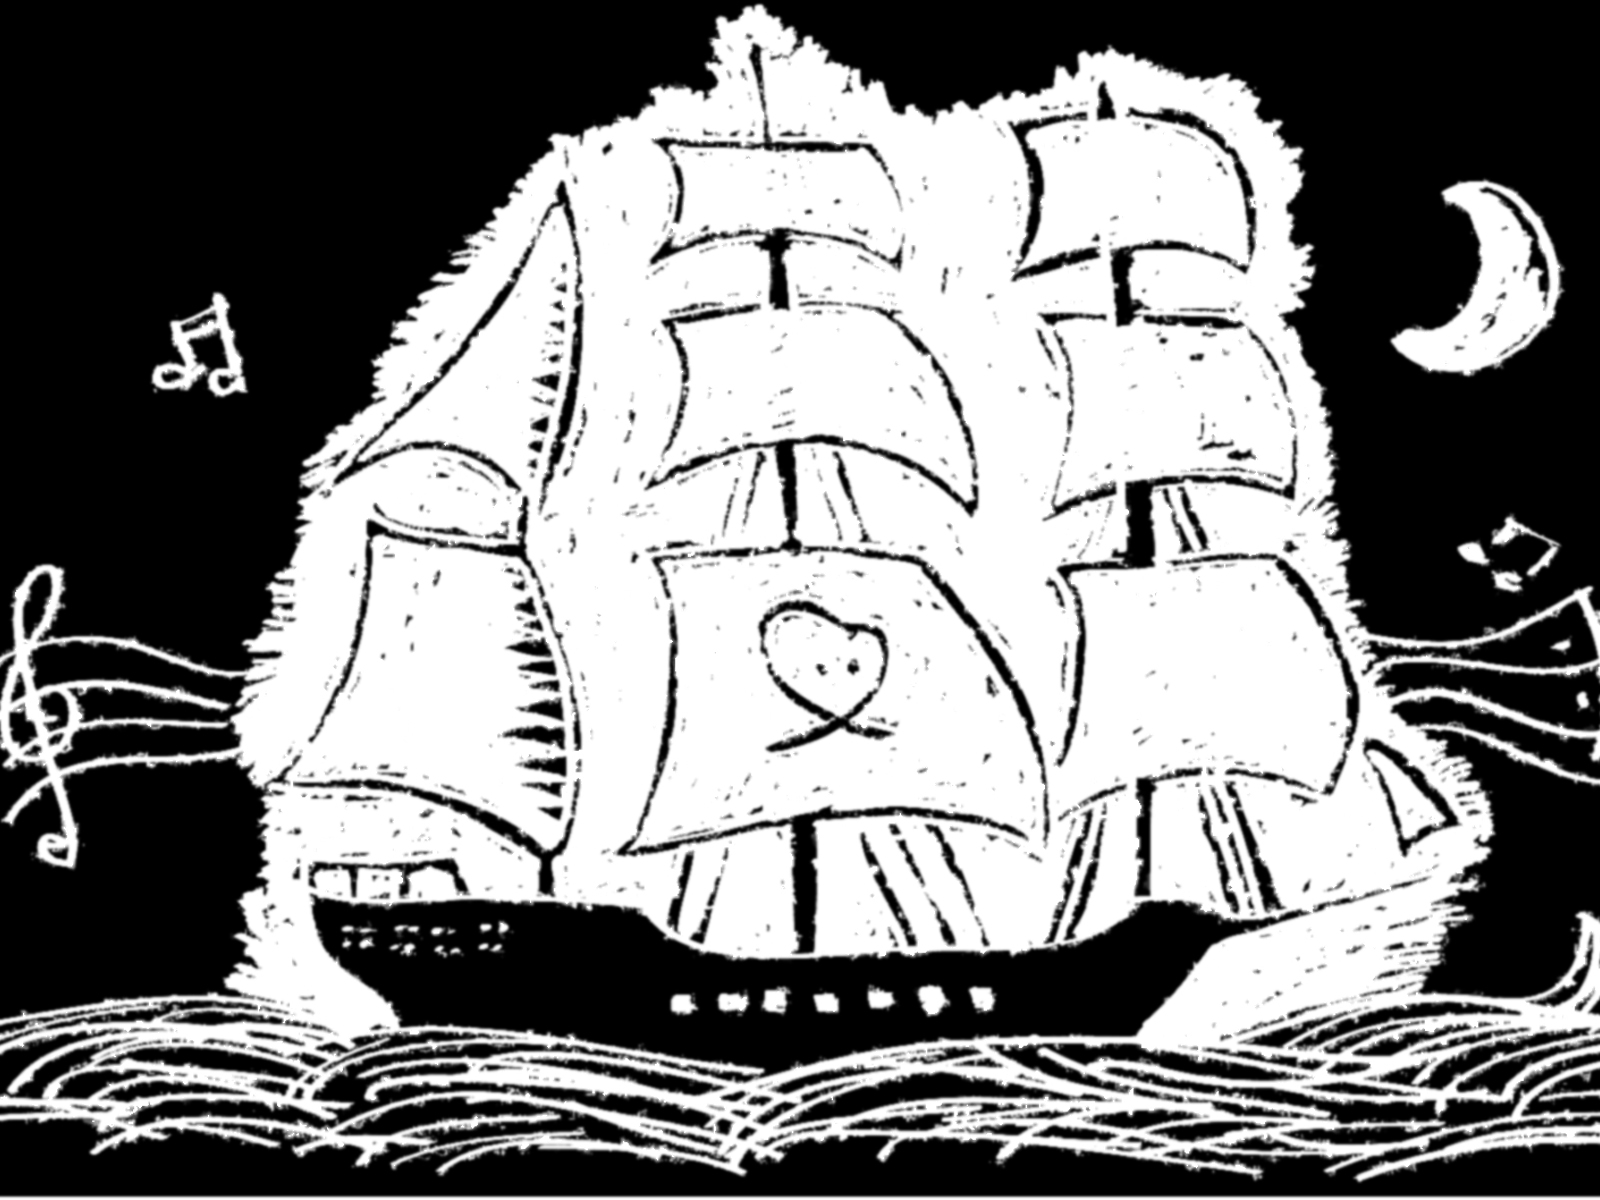 schiff-1480472955.jpg